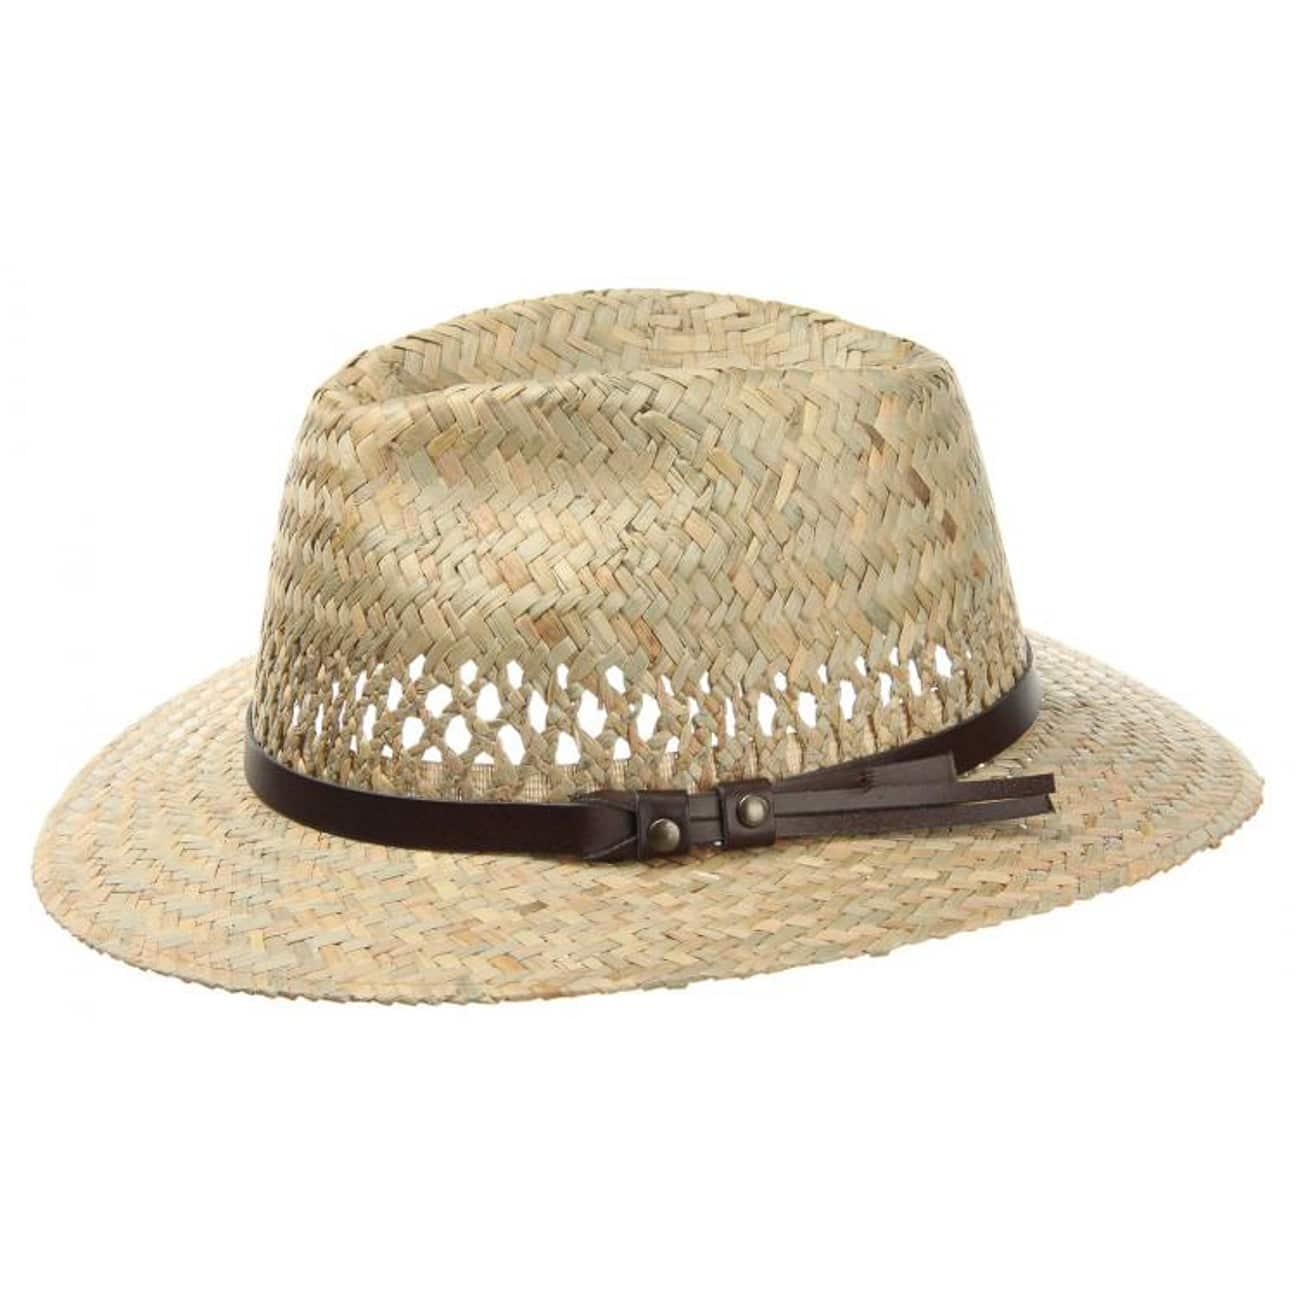 fa28243b6ed69 Sombrero de Paja para Niños Mallorca - natural 1